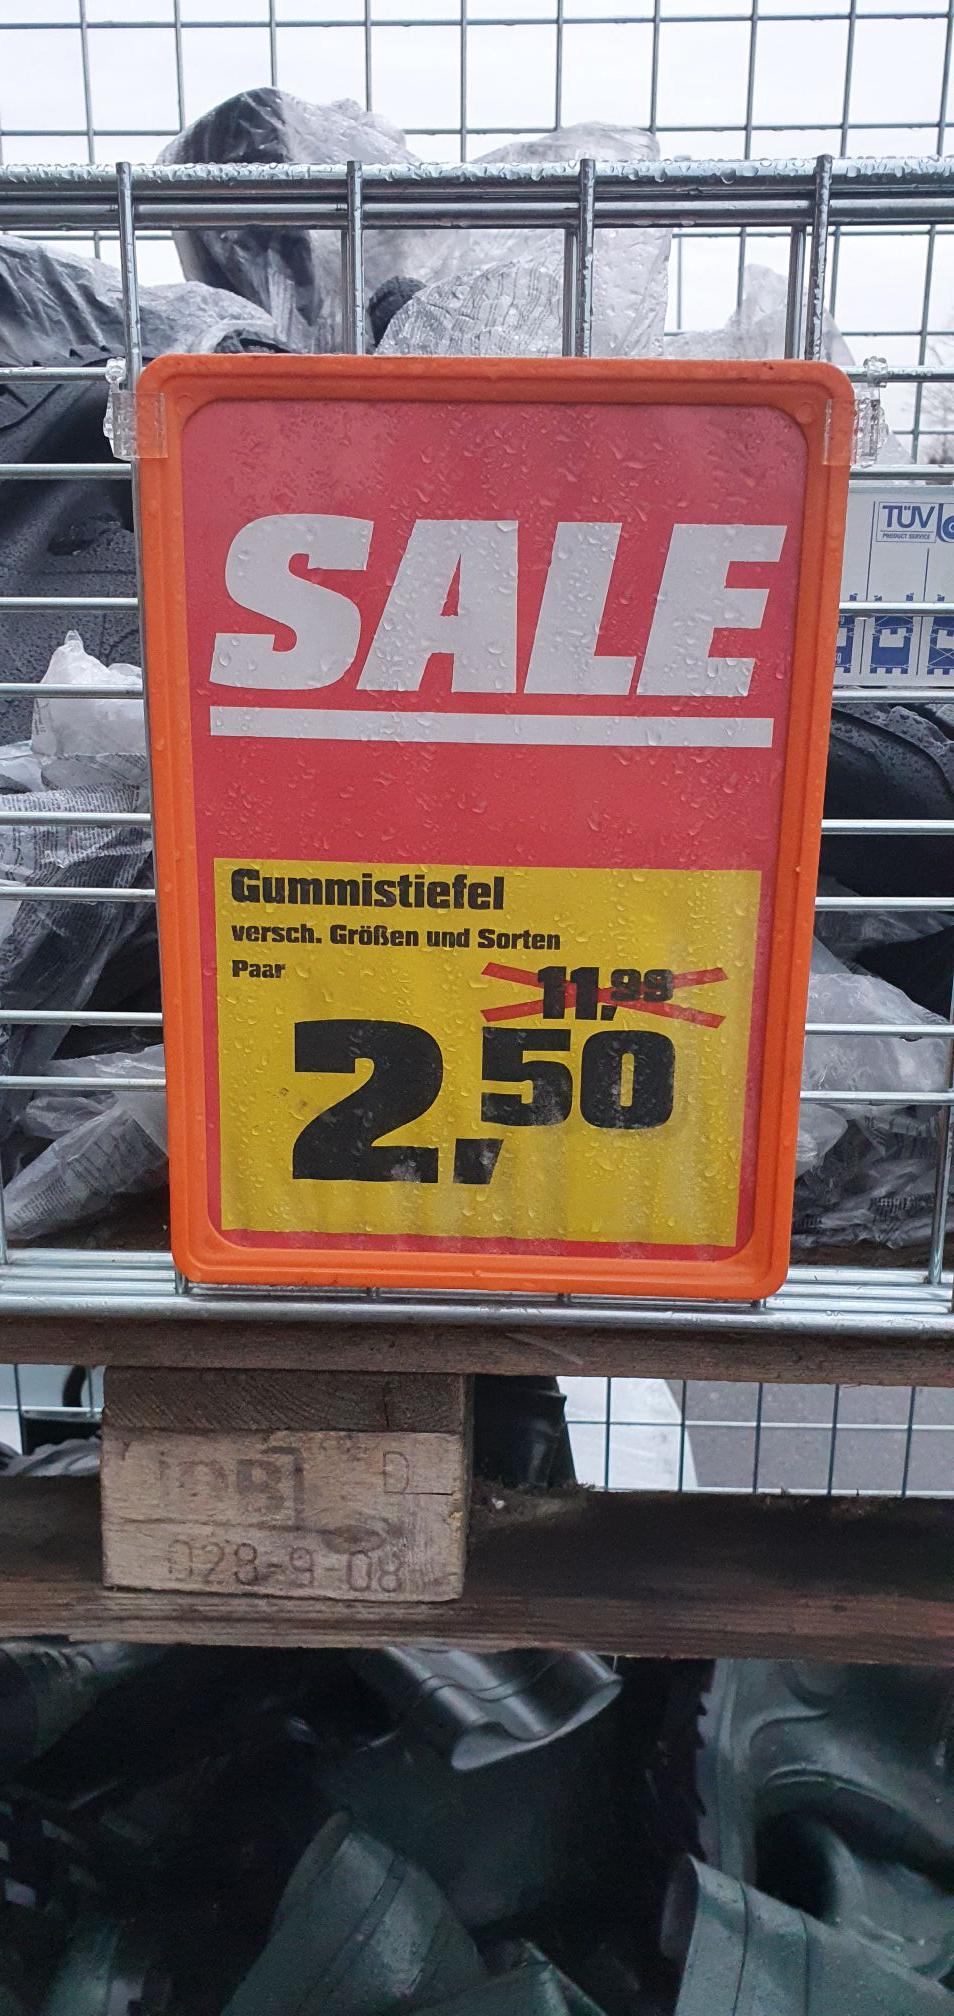 [OBI Leipzig] 1 Paar Gummistiefel für 2,50€